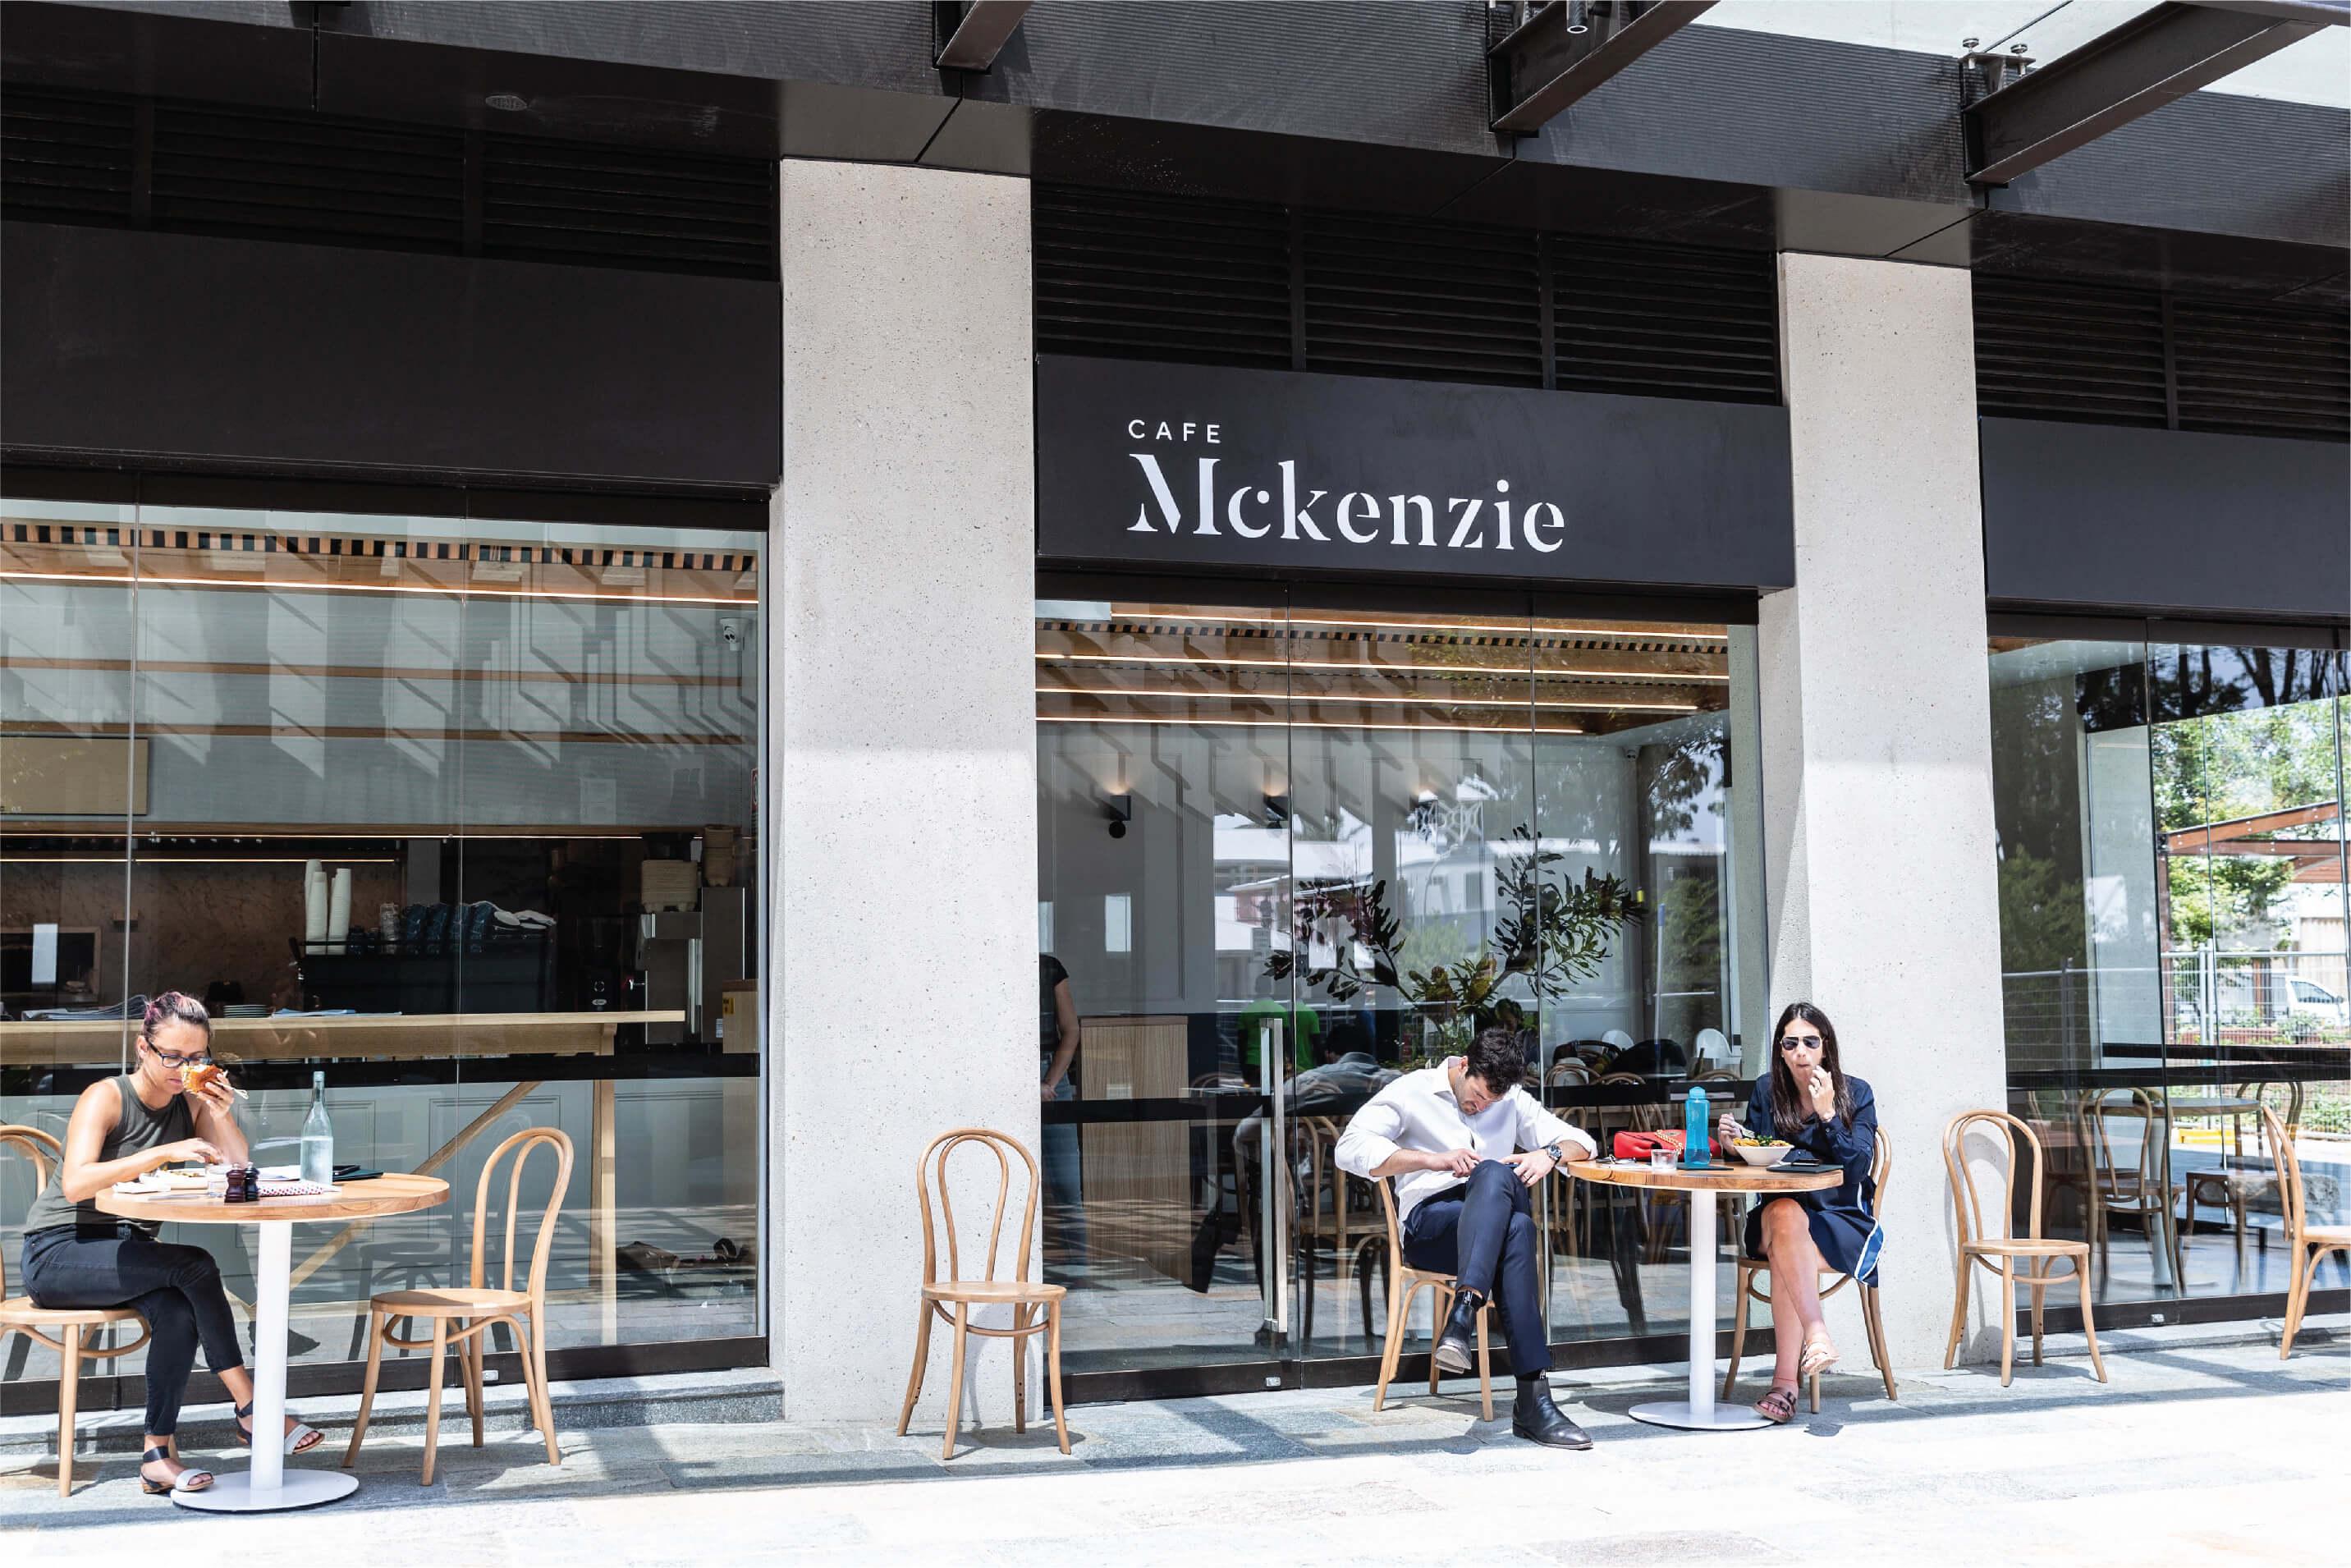 cafe-mckenzie-randwick-branding-design-cafe-A-01-09